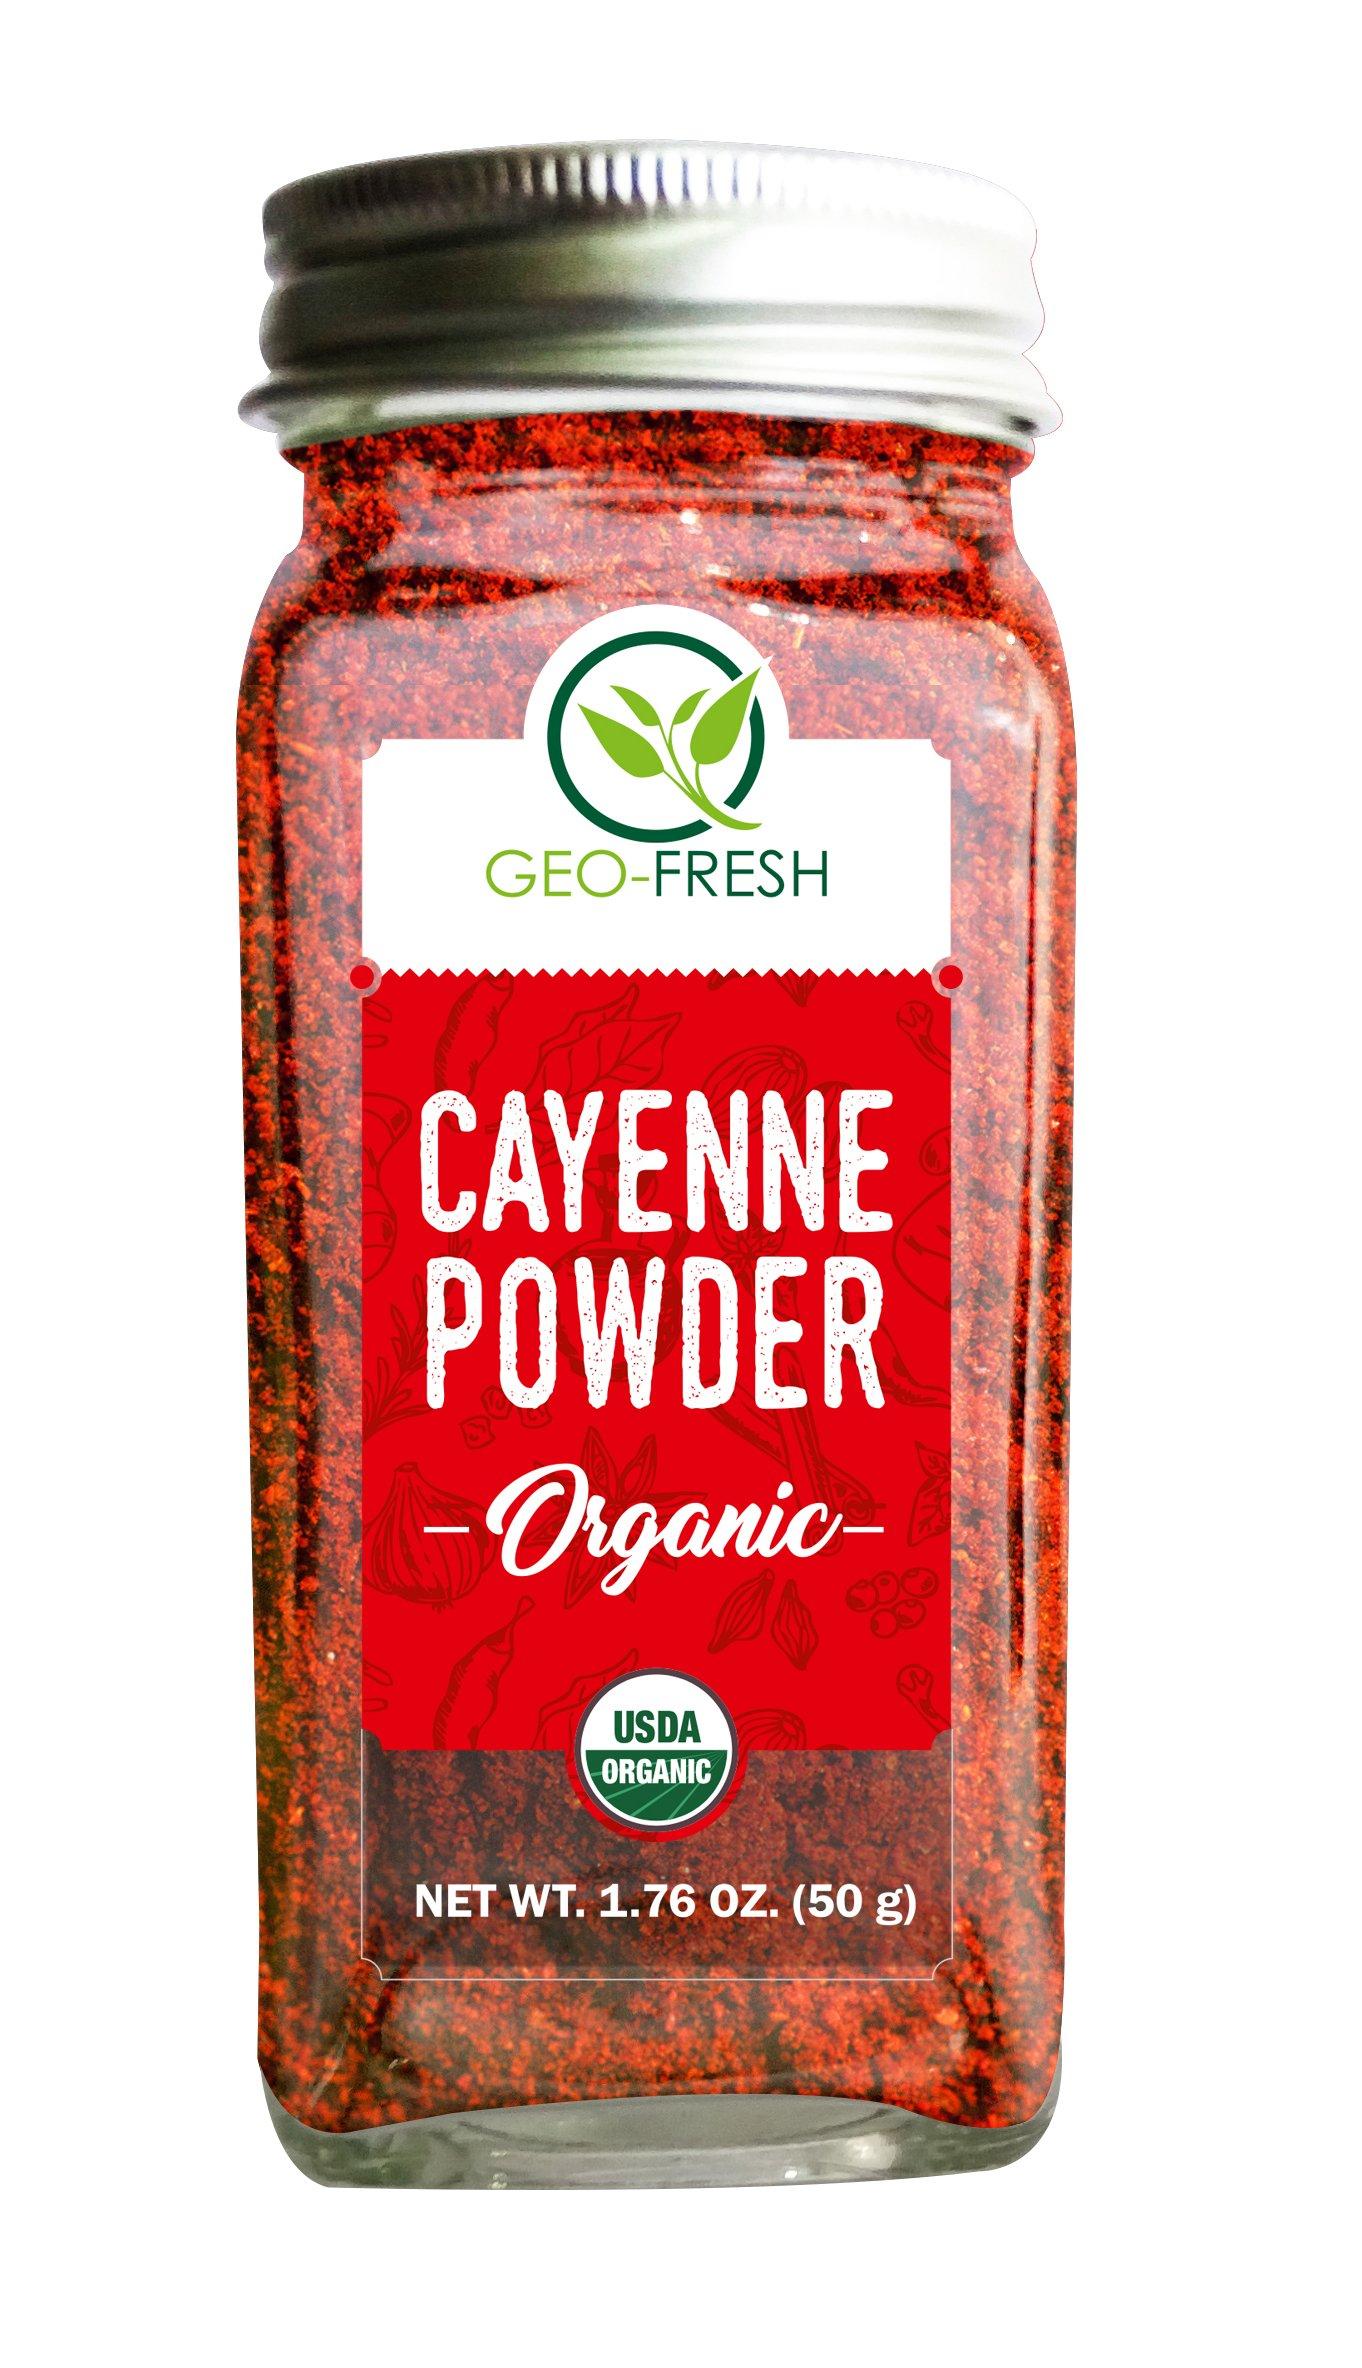 Geo-Fresh Organic Cayenne Powder 1.76 OZ. (50 g)